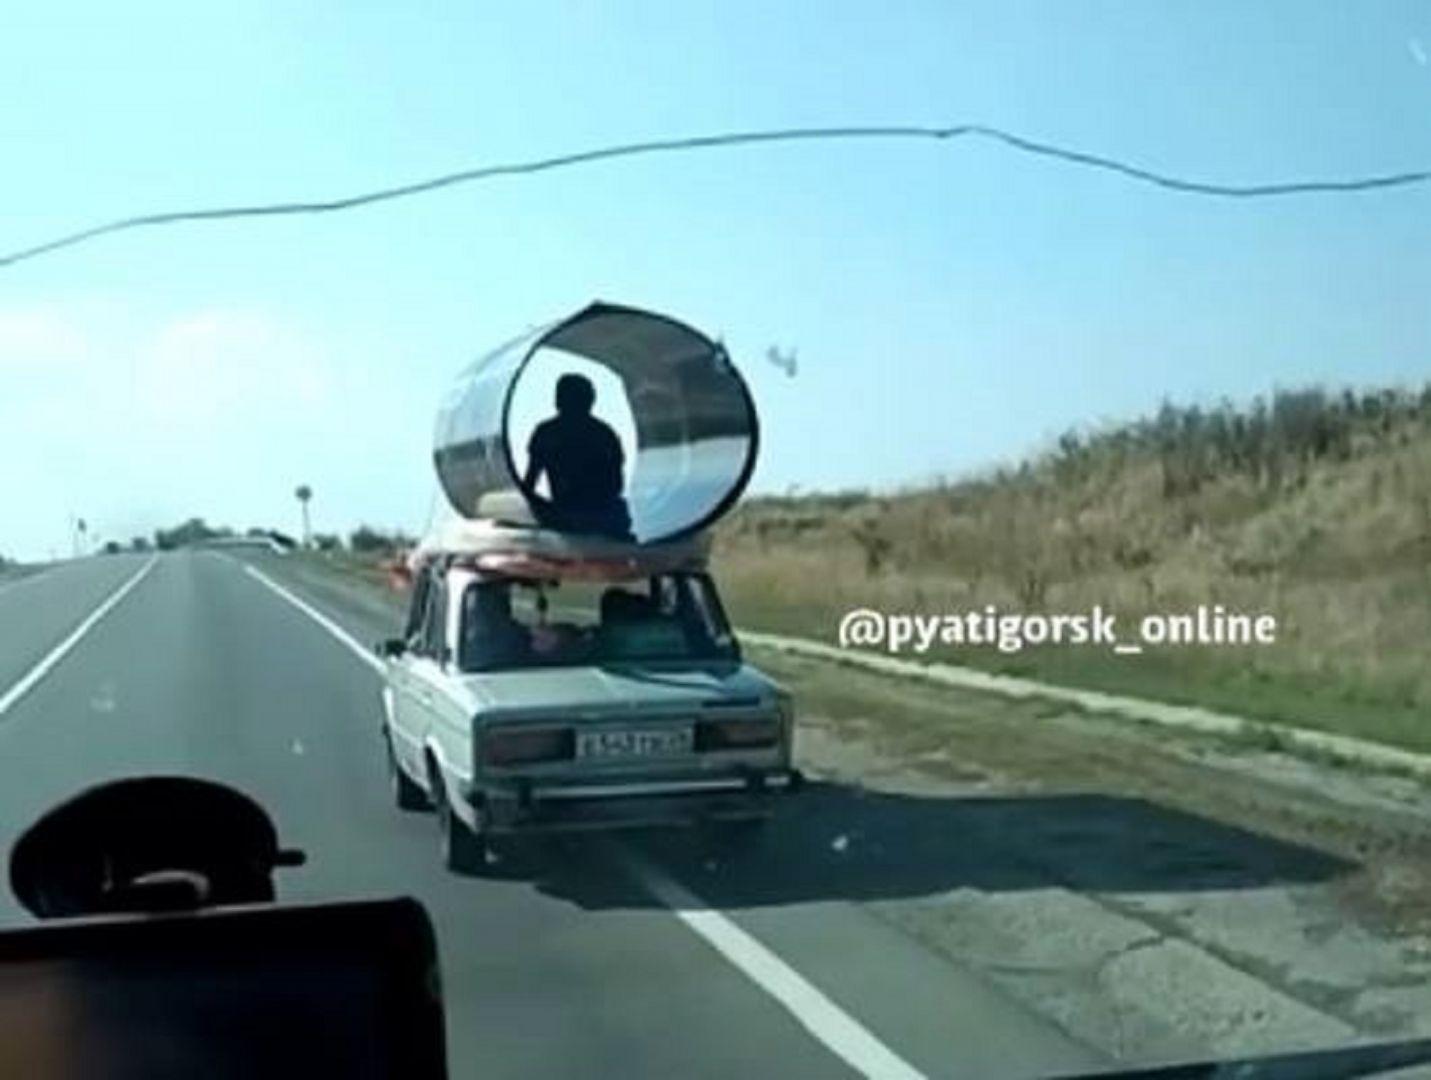 Житель Ставрополья прокатился на крыше легковушки в листе поликарбоната